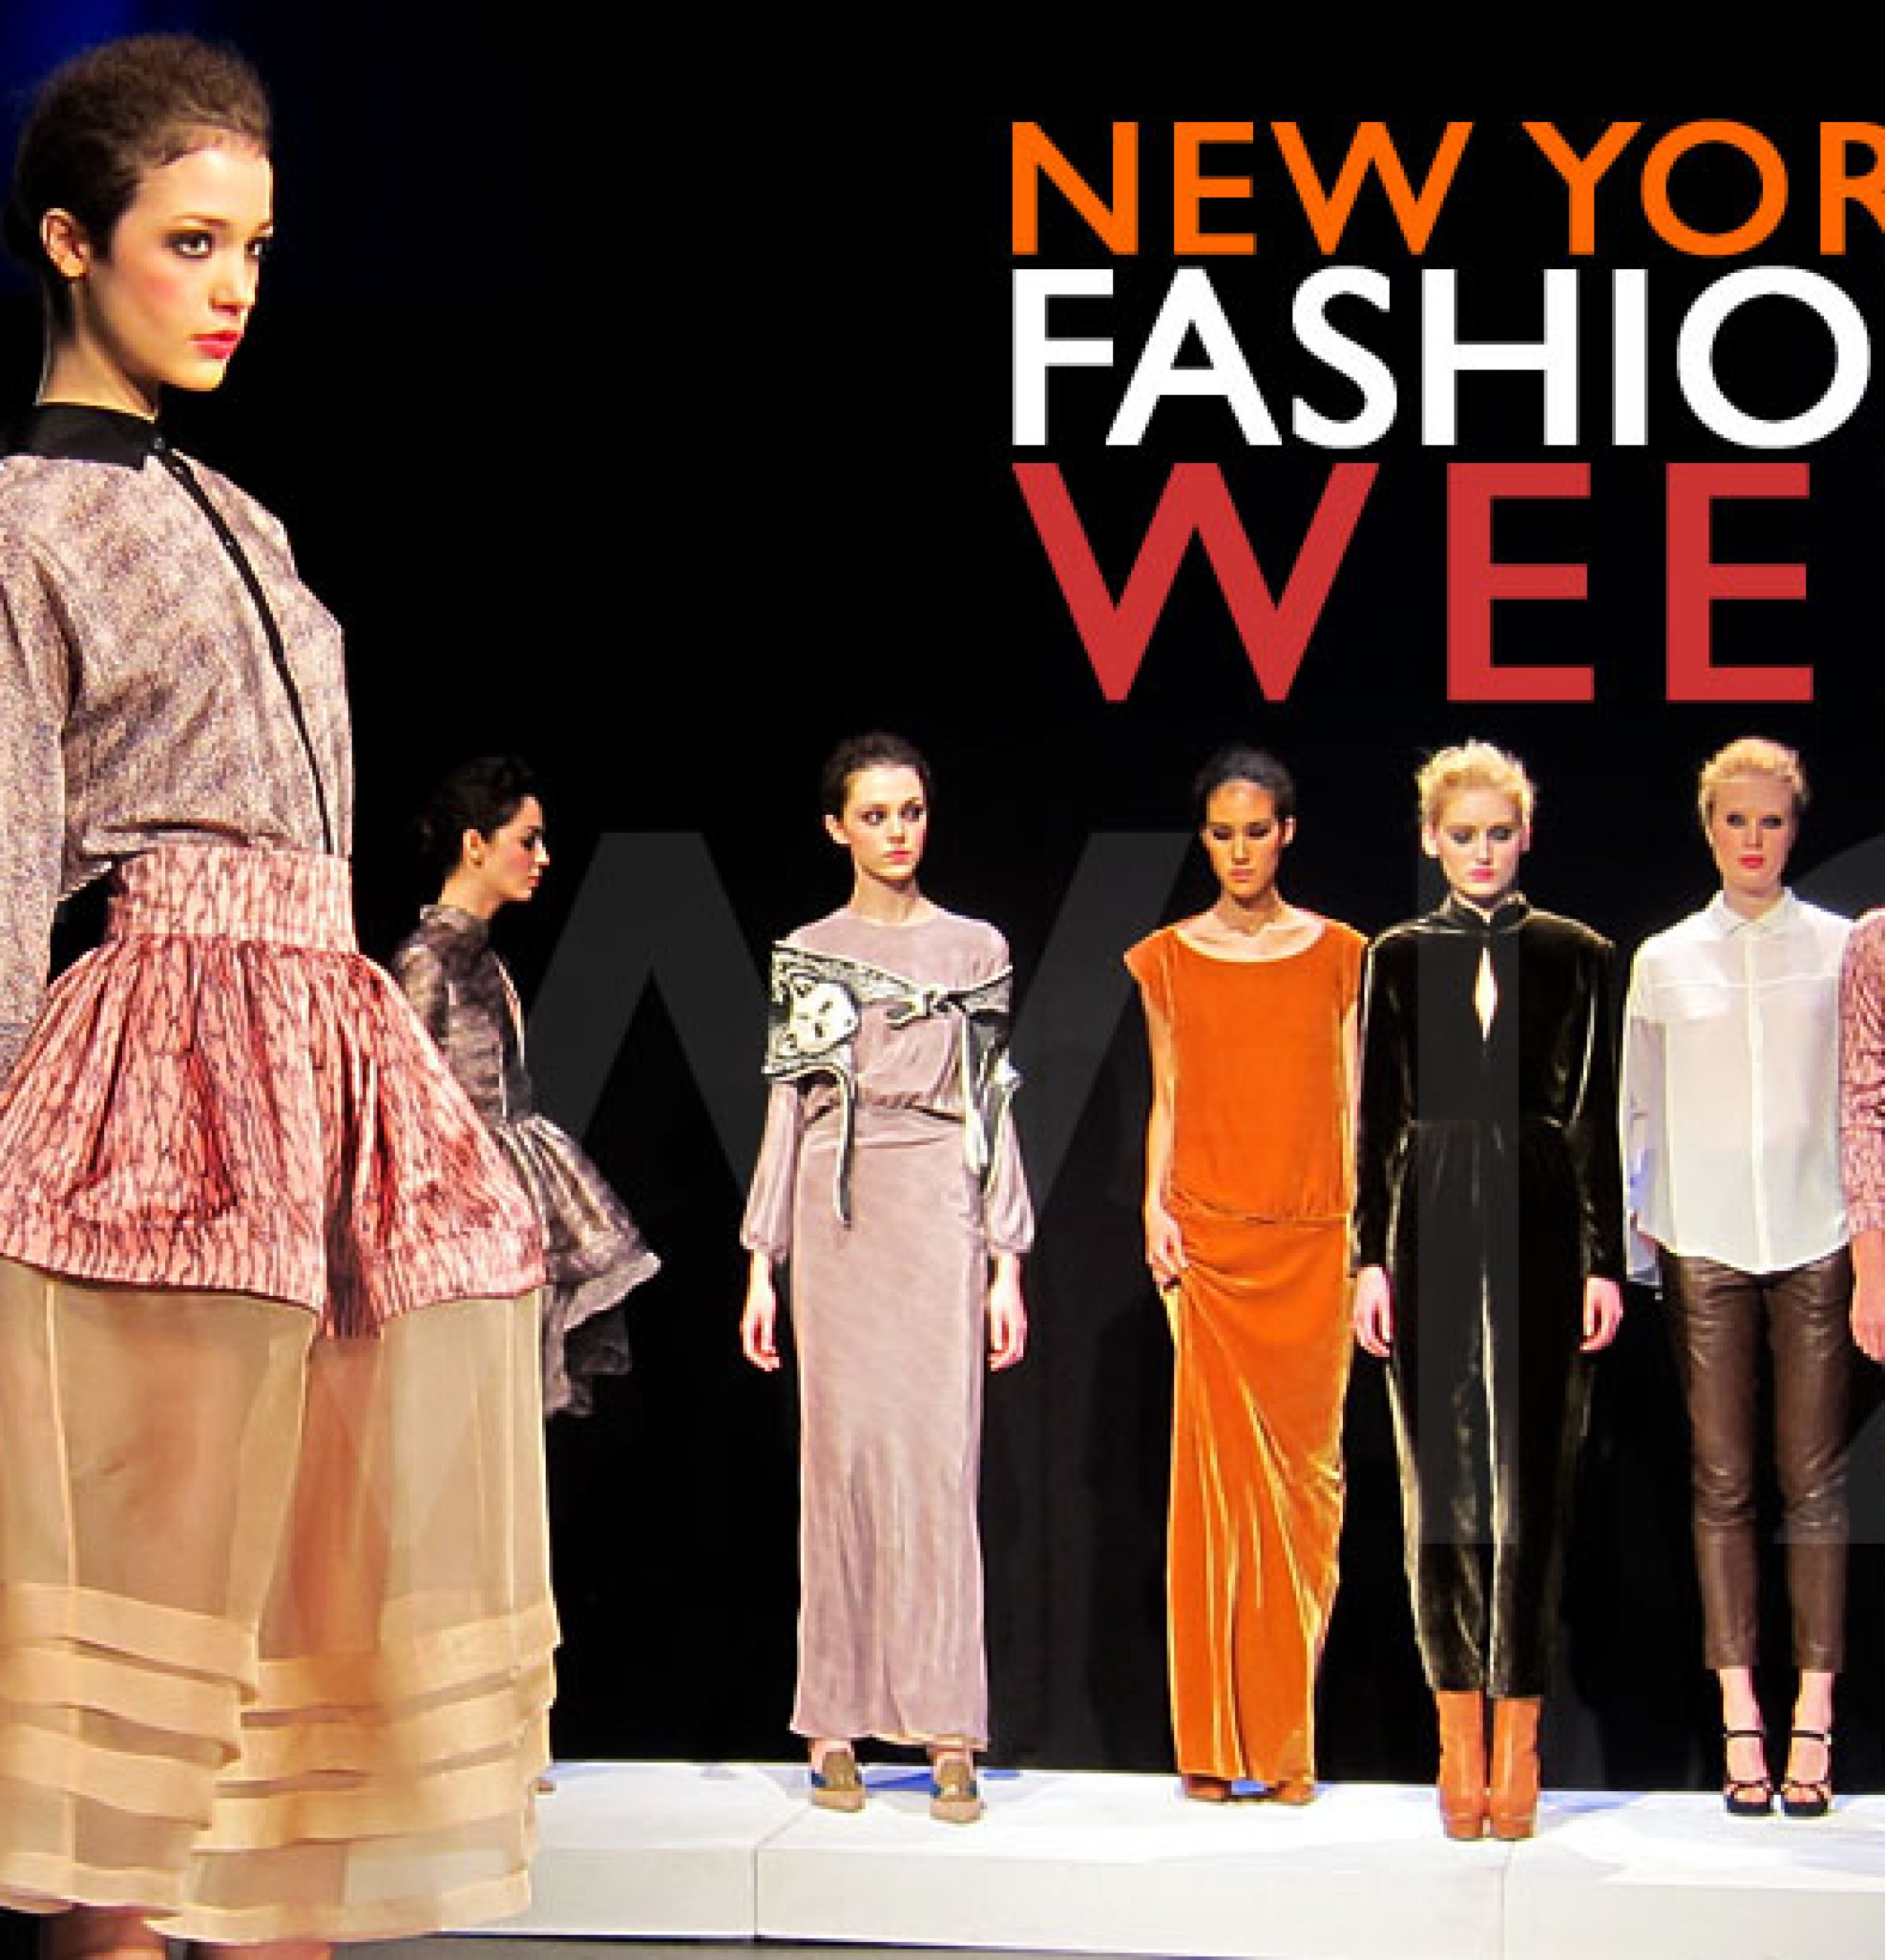 As novidades da semana de moda de Nova Iorque